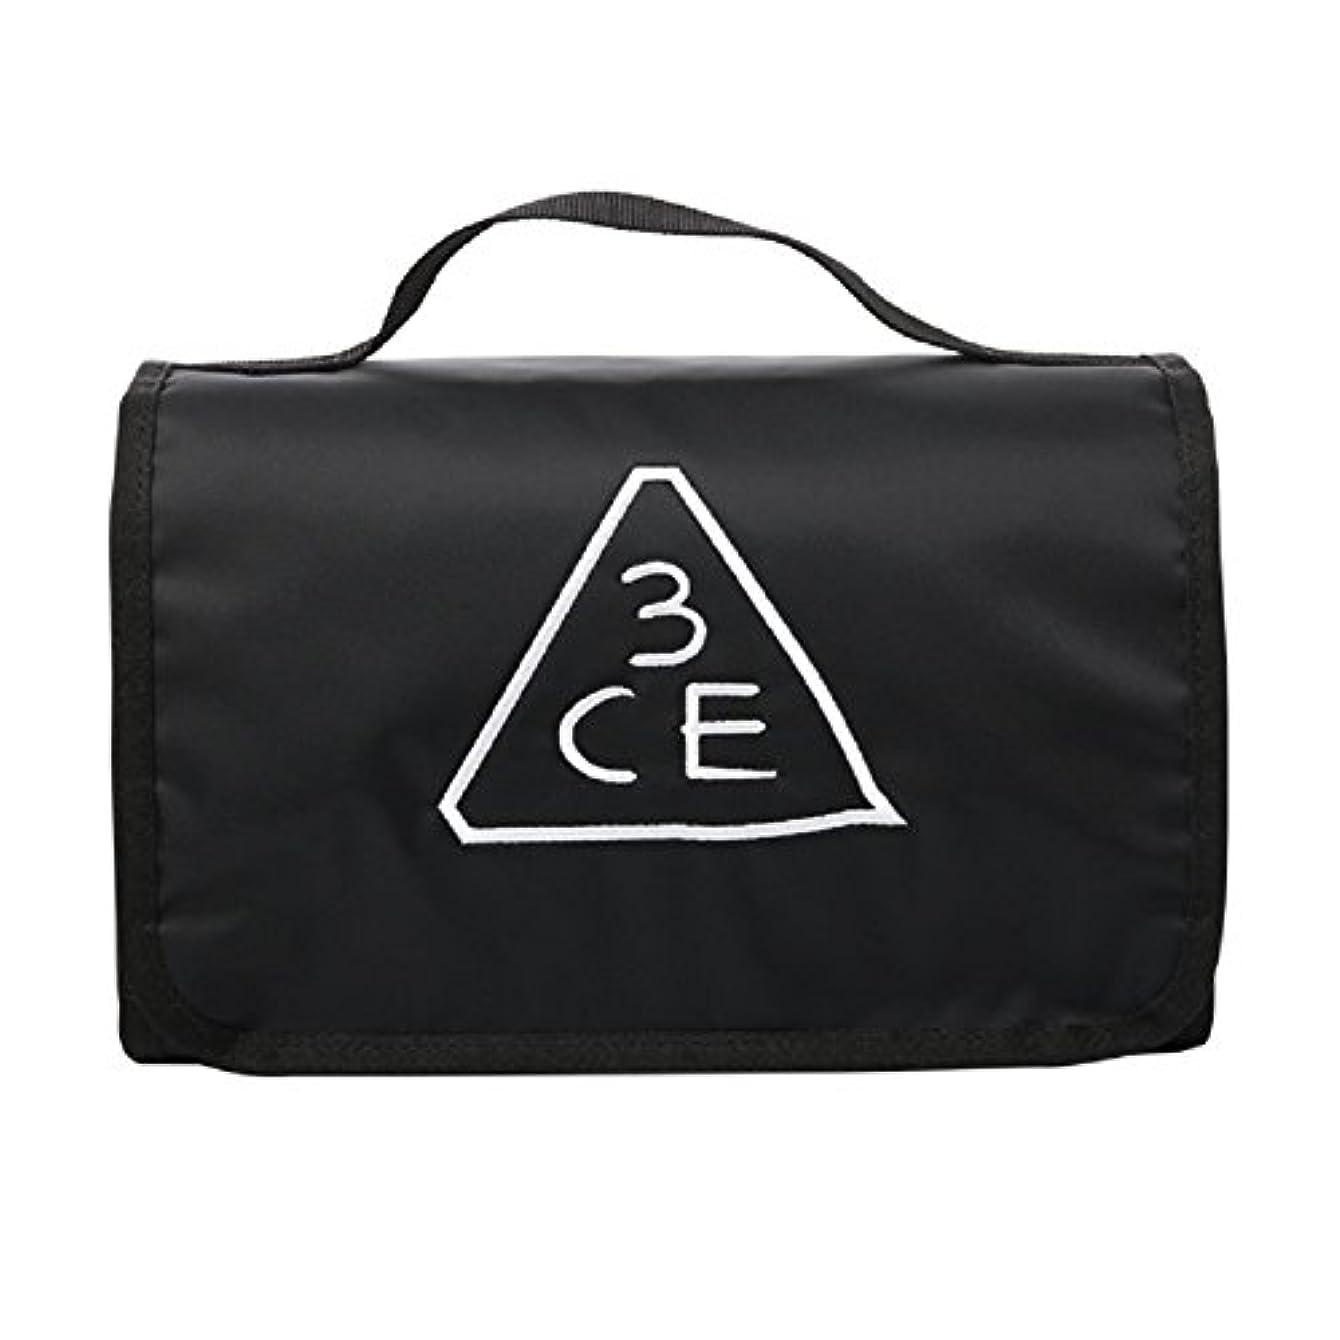 テレビ間違いなく一般化する3CE(3 CONCEPT EYES) WASH BAG ワッシュバッグ BIG SIZE COSMETIC POUCH 大きなサイズの化粧品のポ BLACK FREE SIZE [韓国並行輸入品]